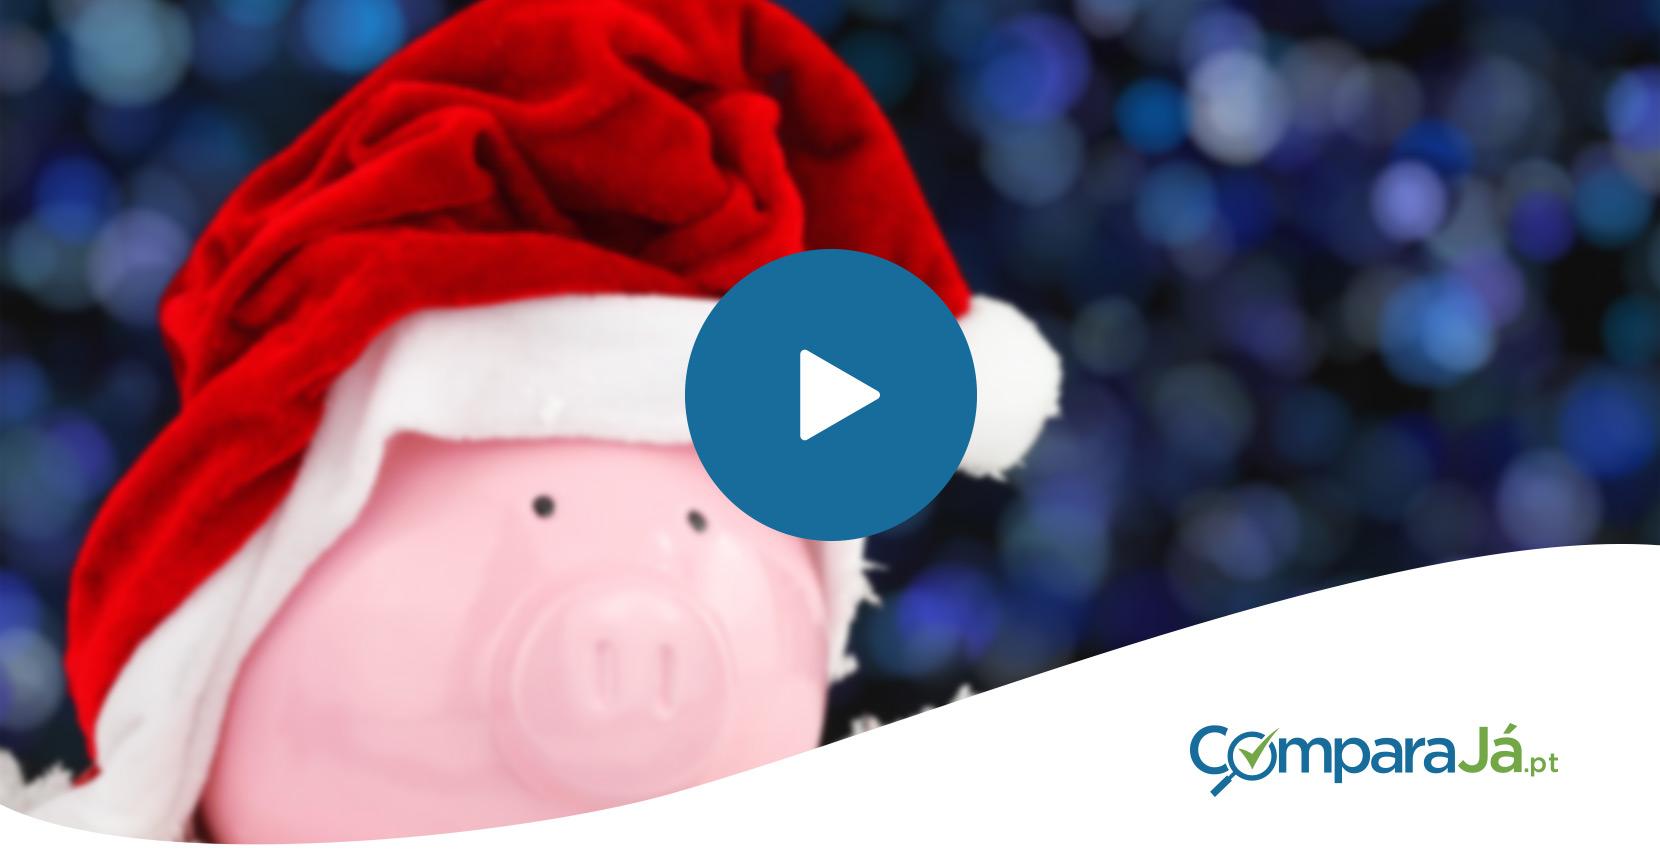 Vídeo de Natal: Dicas de Poupança de Última Hora